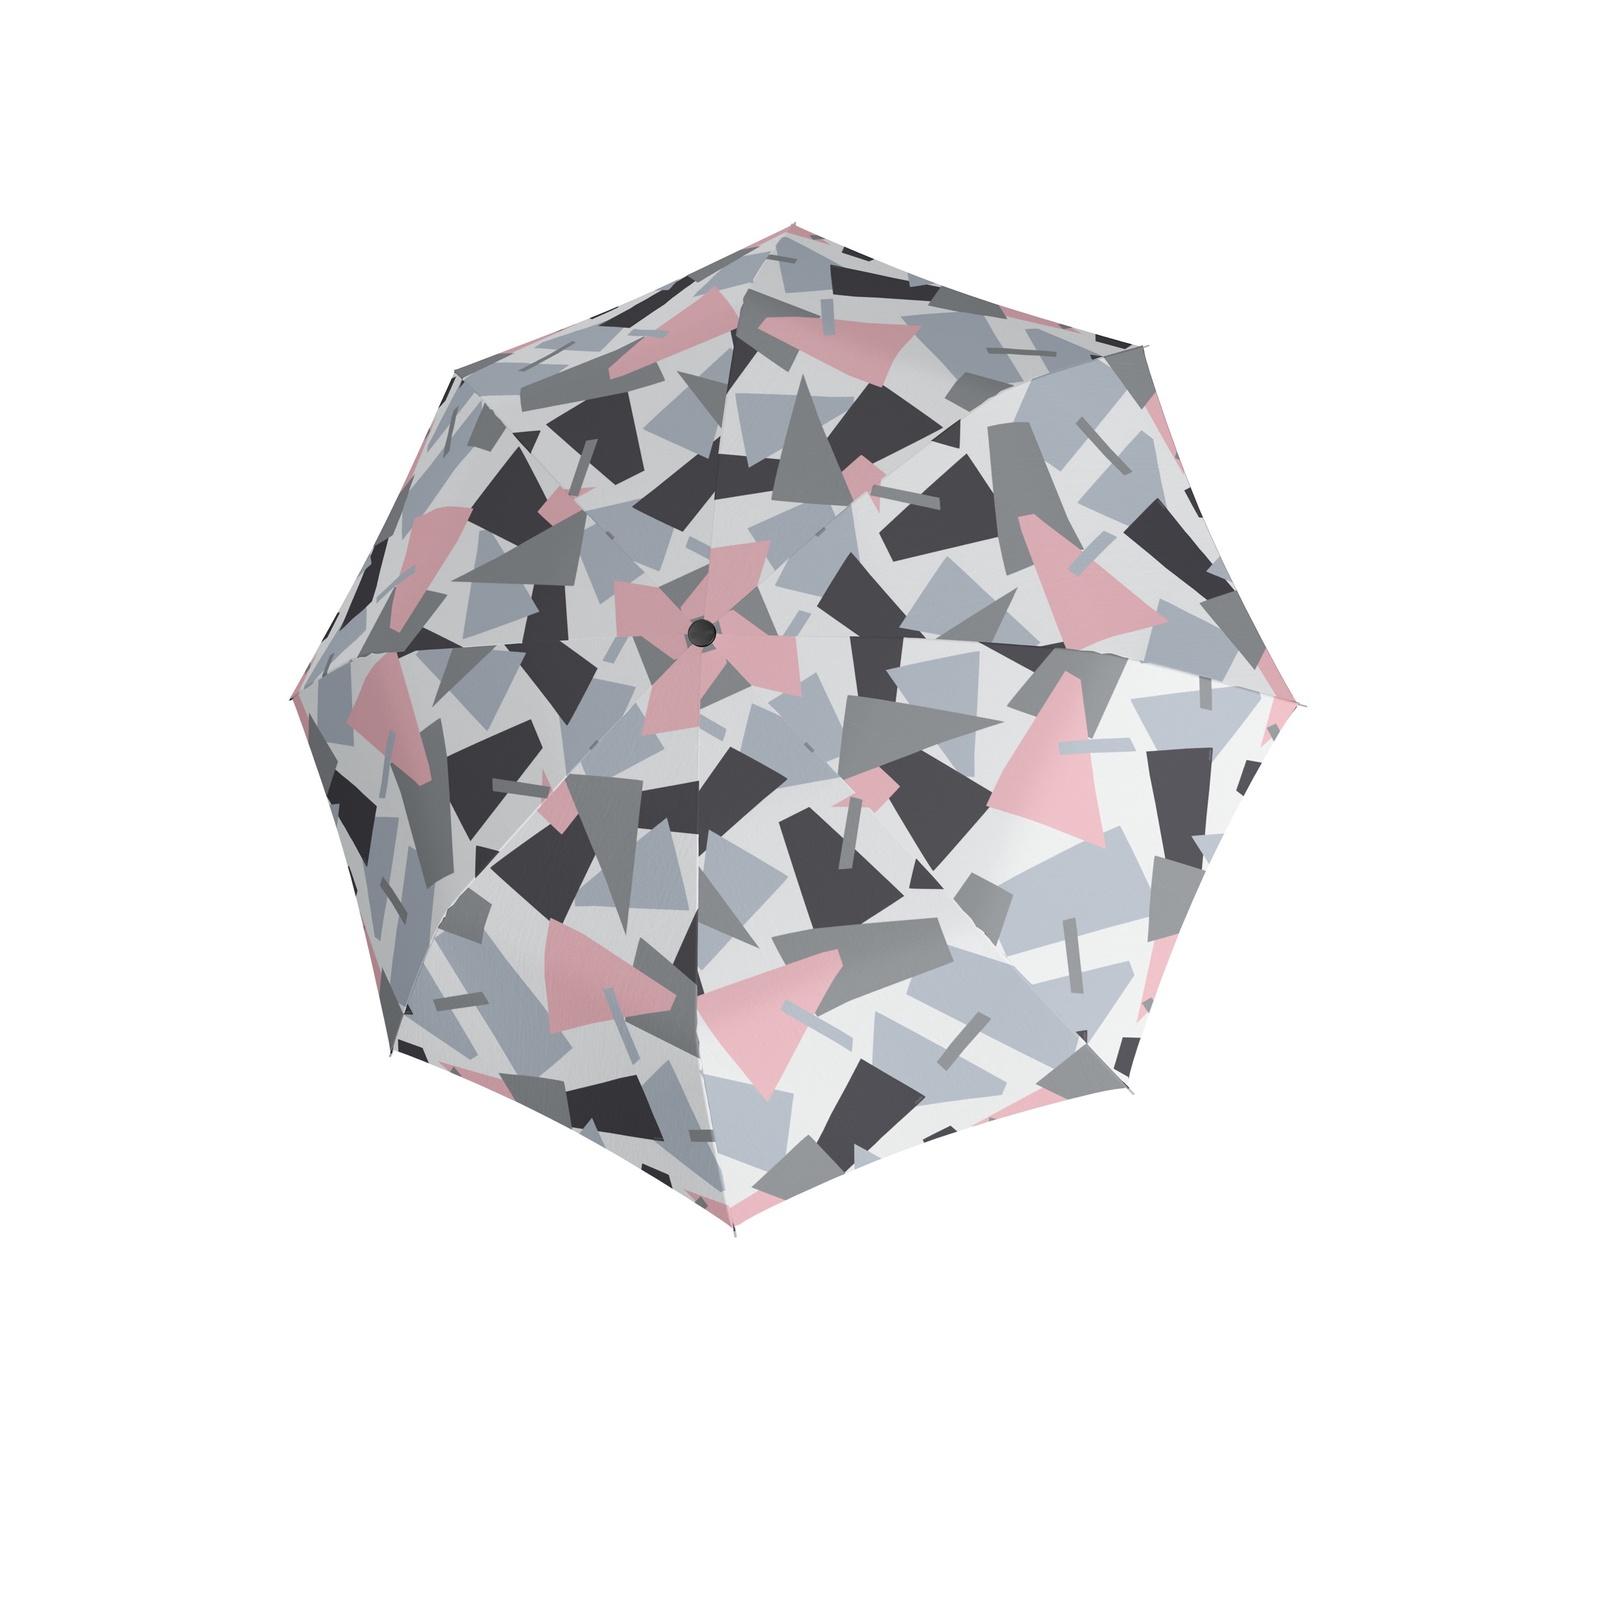 цена Зонт Doppler Crush, бежевый, серый, черный, черно-серый, розовый в интернет-магазинах